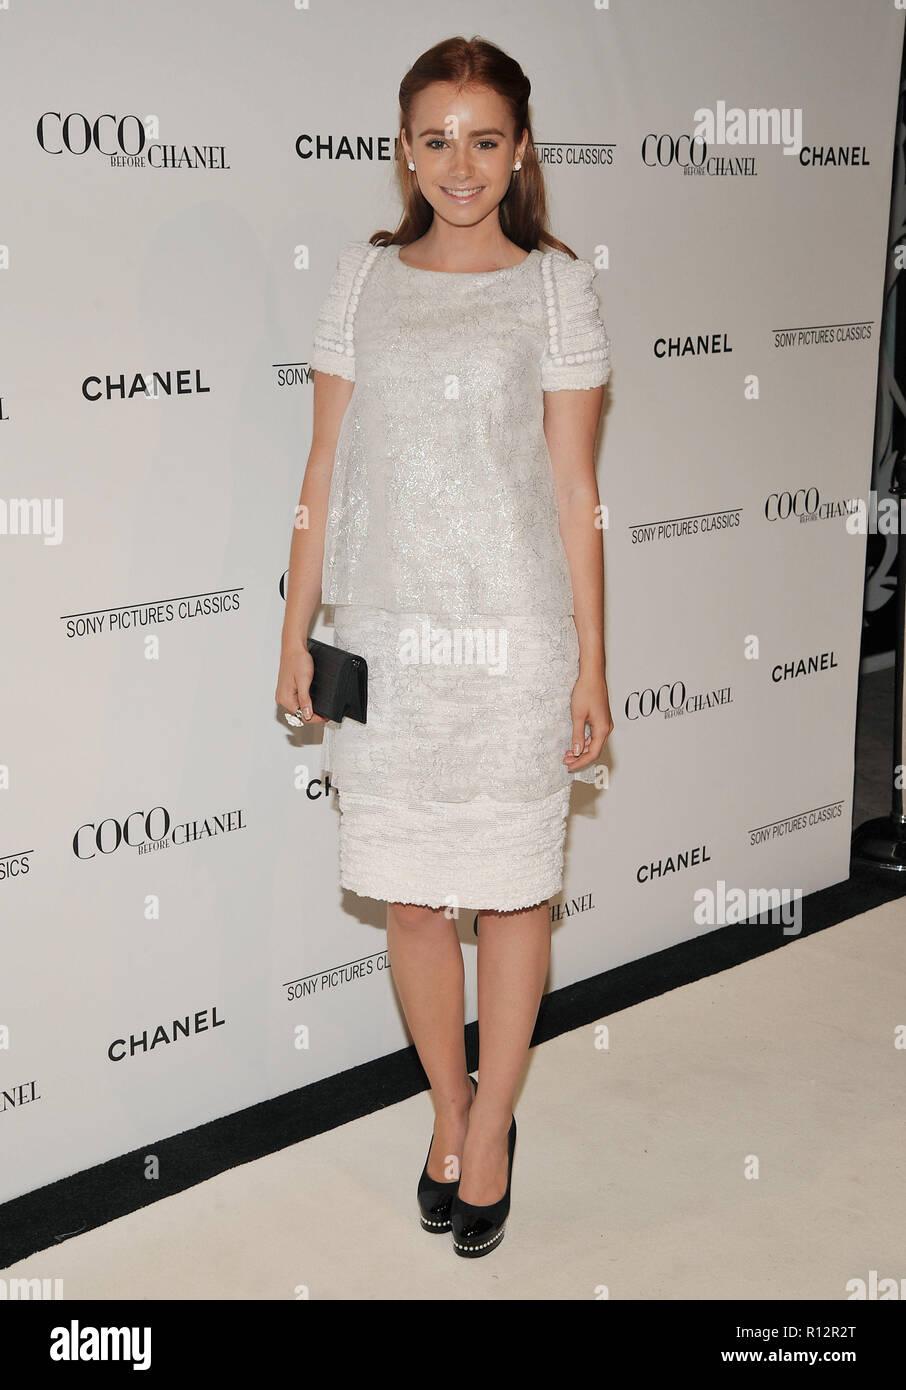 Lili Collins - Coco avant Chanel After Party à la Coco Chanel Boutique à  Los Angeles 785f8e1c285